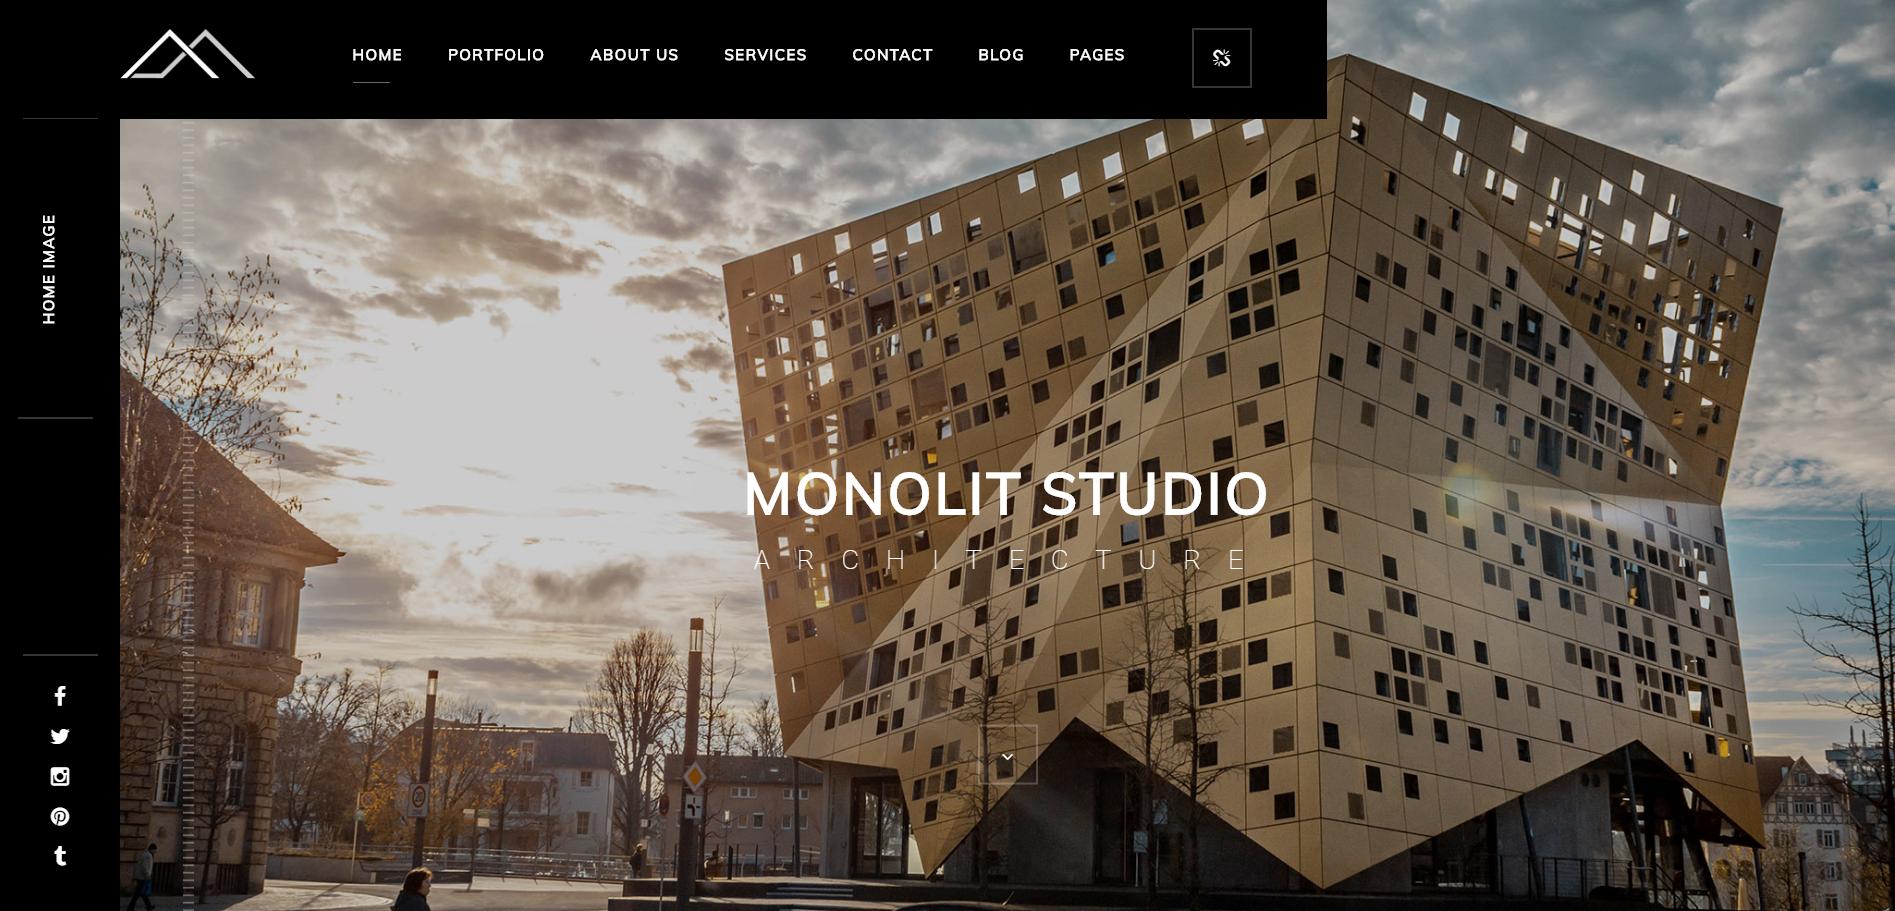 Monolit theme